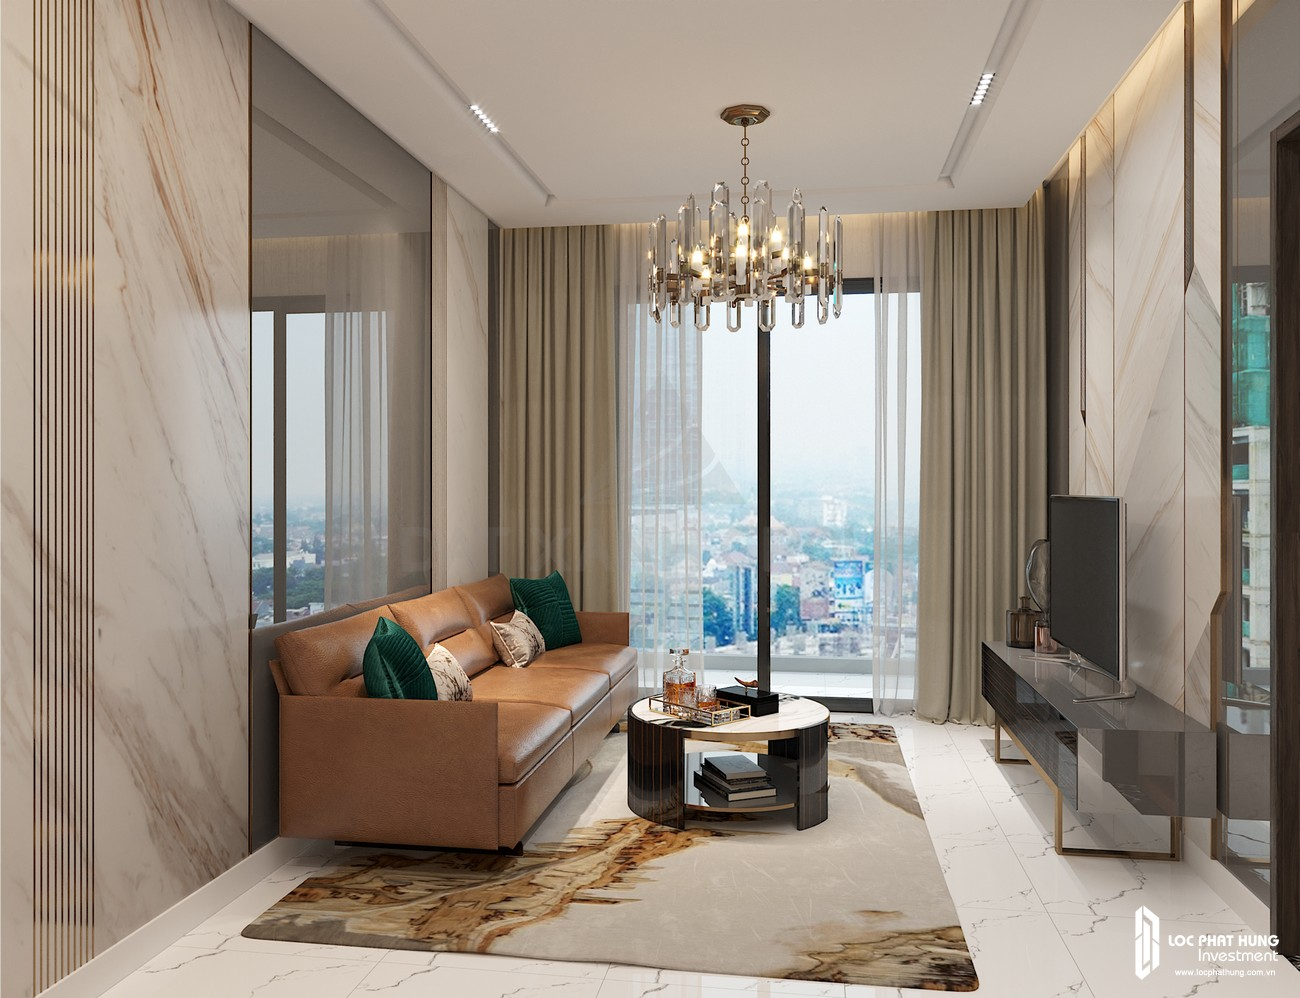 Thiế kế phòng khách của nhà mẫu loại 2 phòng ngủ dự án căn hộ chung cư Opal Skyline Thuận An